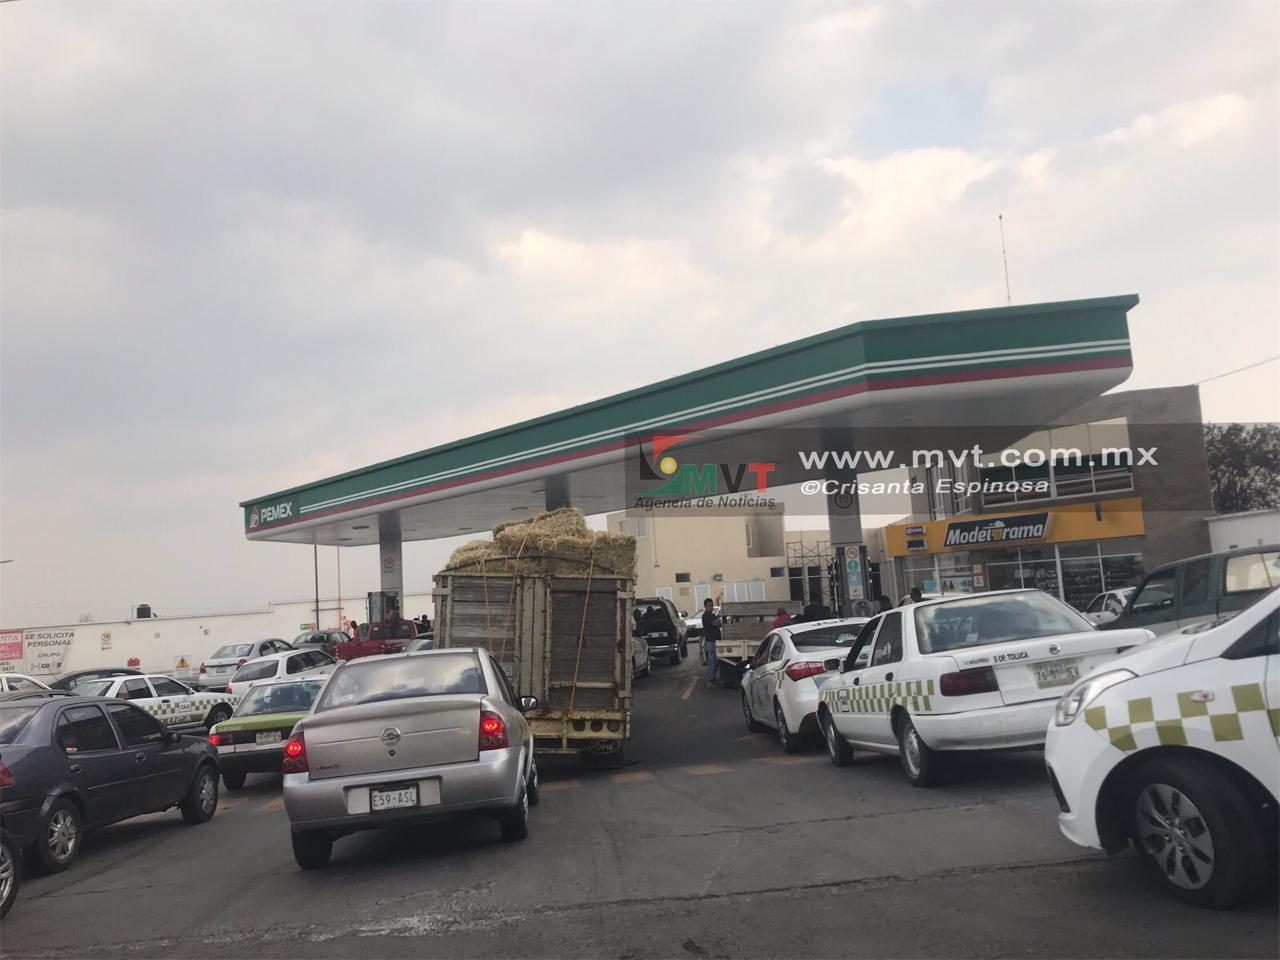 Refuerza Ejército terminales de abastecimiento de gasolina en Edoméx